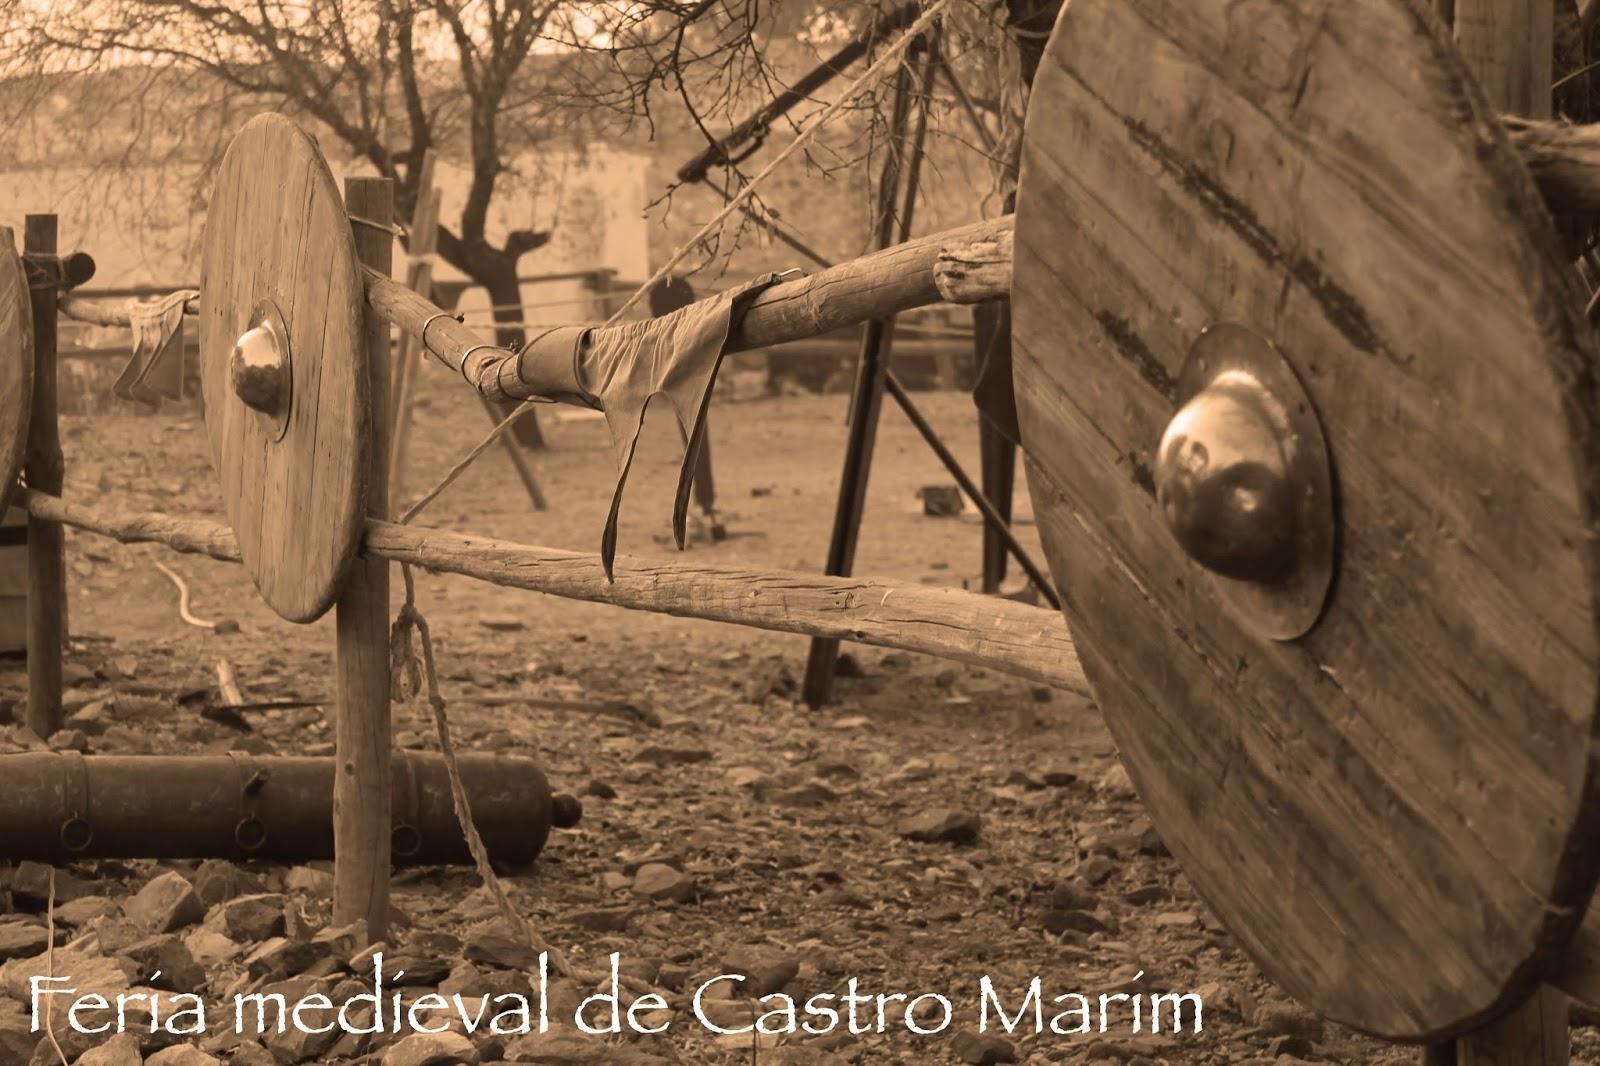 Título post Feria medieval de Castro Marim